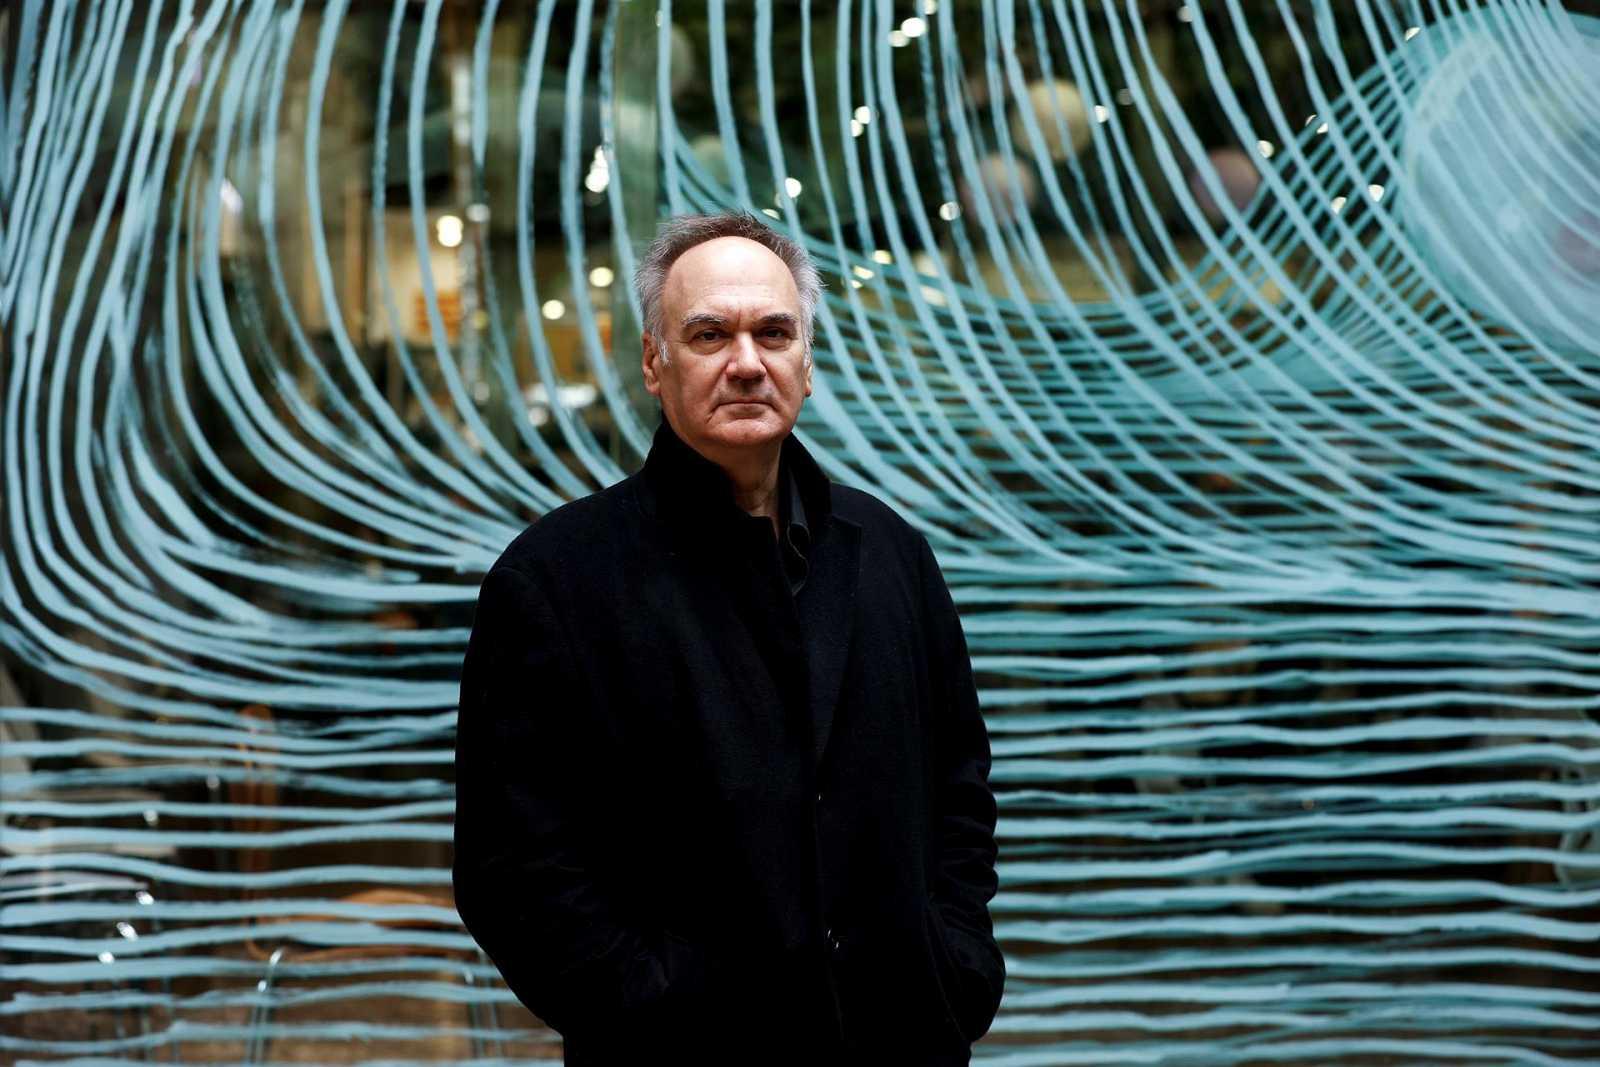 Las Mañanas de RNE con Pepa Fernández -  'La anomalía', la nueva novela de Hervé Le Tellier - Escuchar ahora